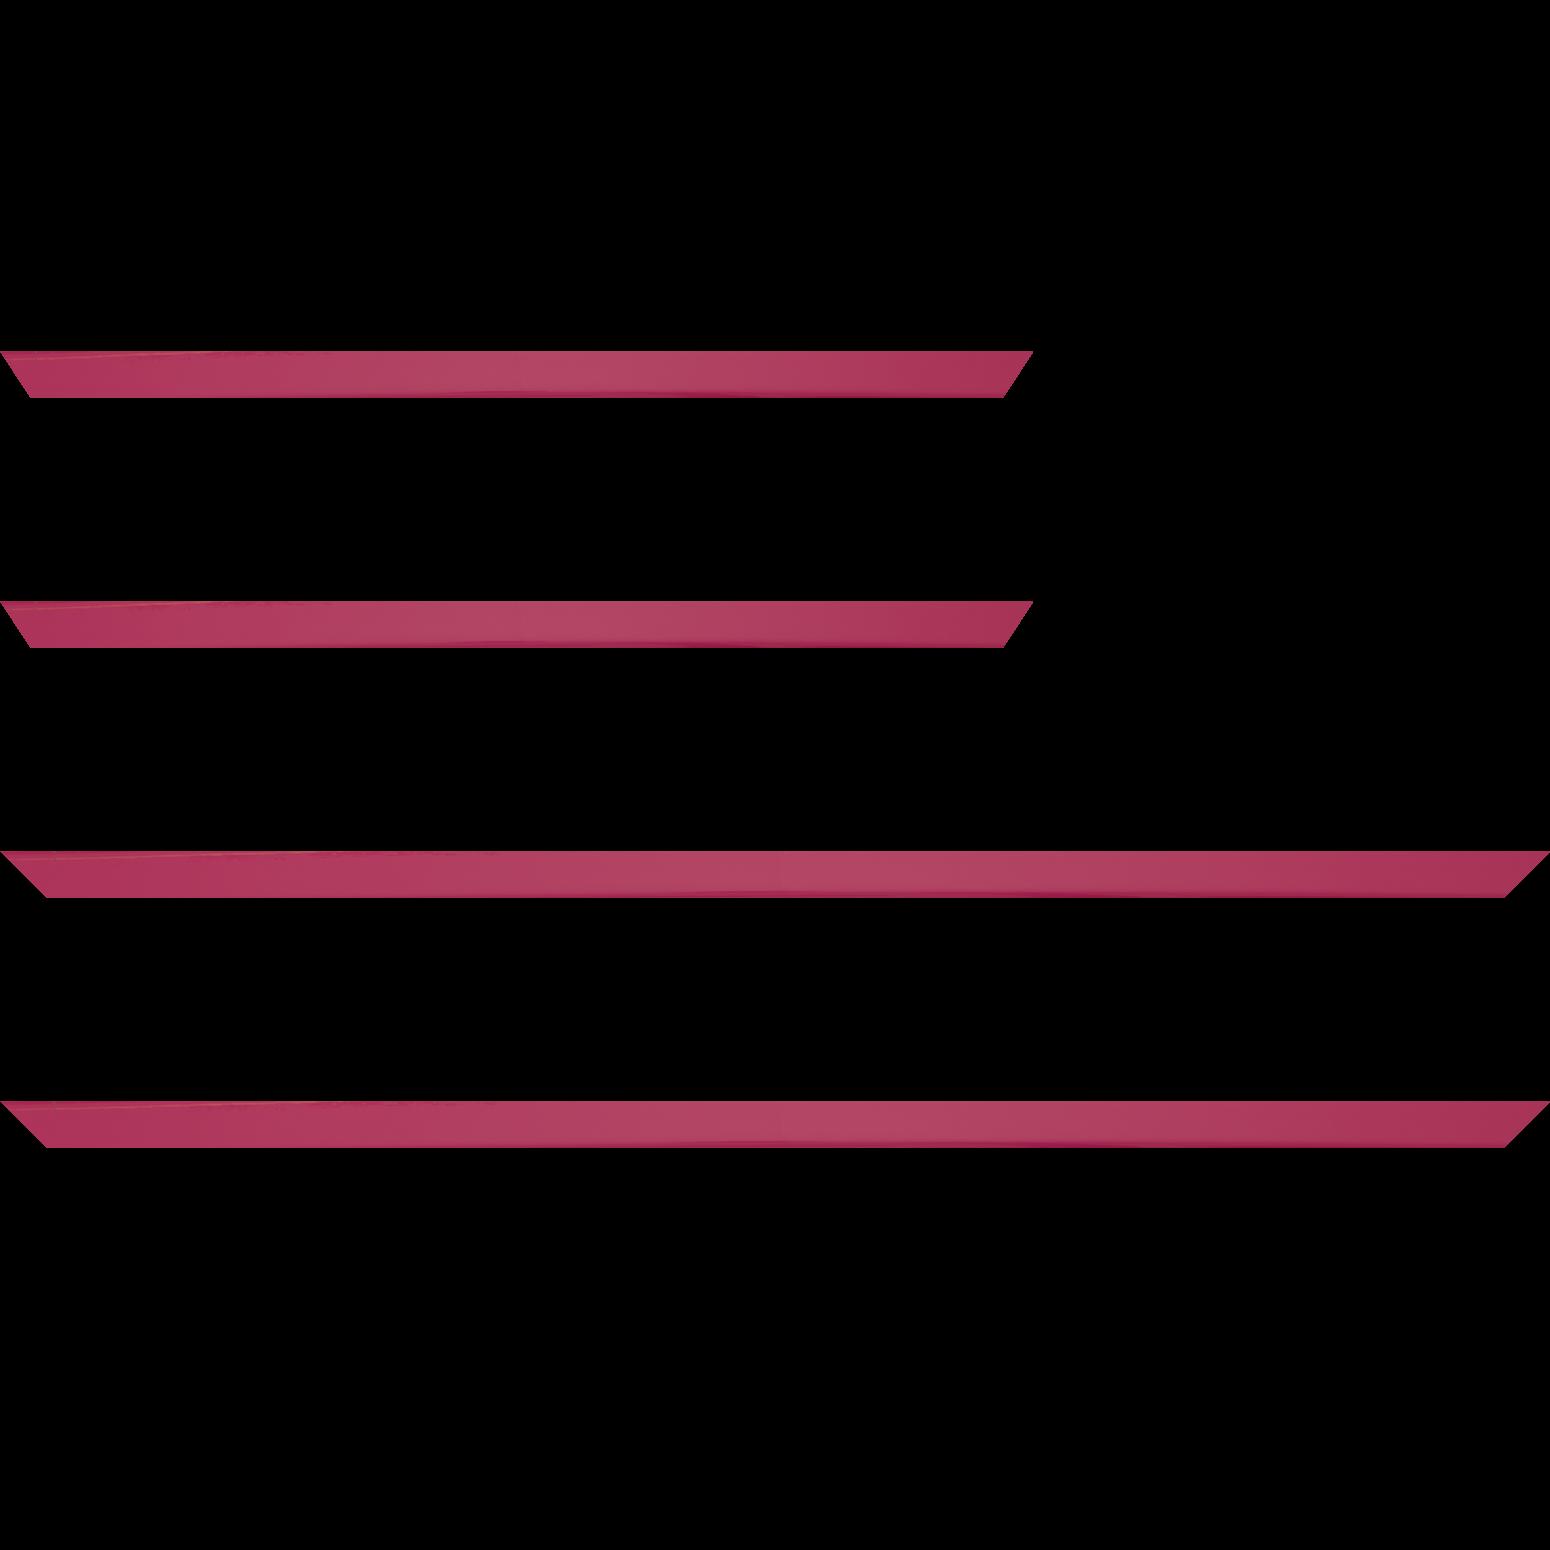 Baguette service précoupé Bois profil méplat largeur 1.4cm couleur rose tonique laqué